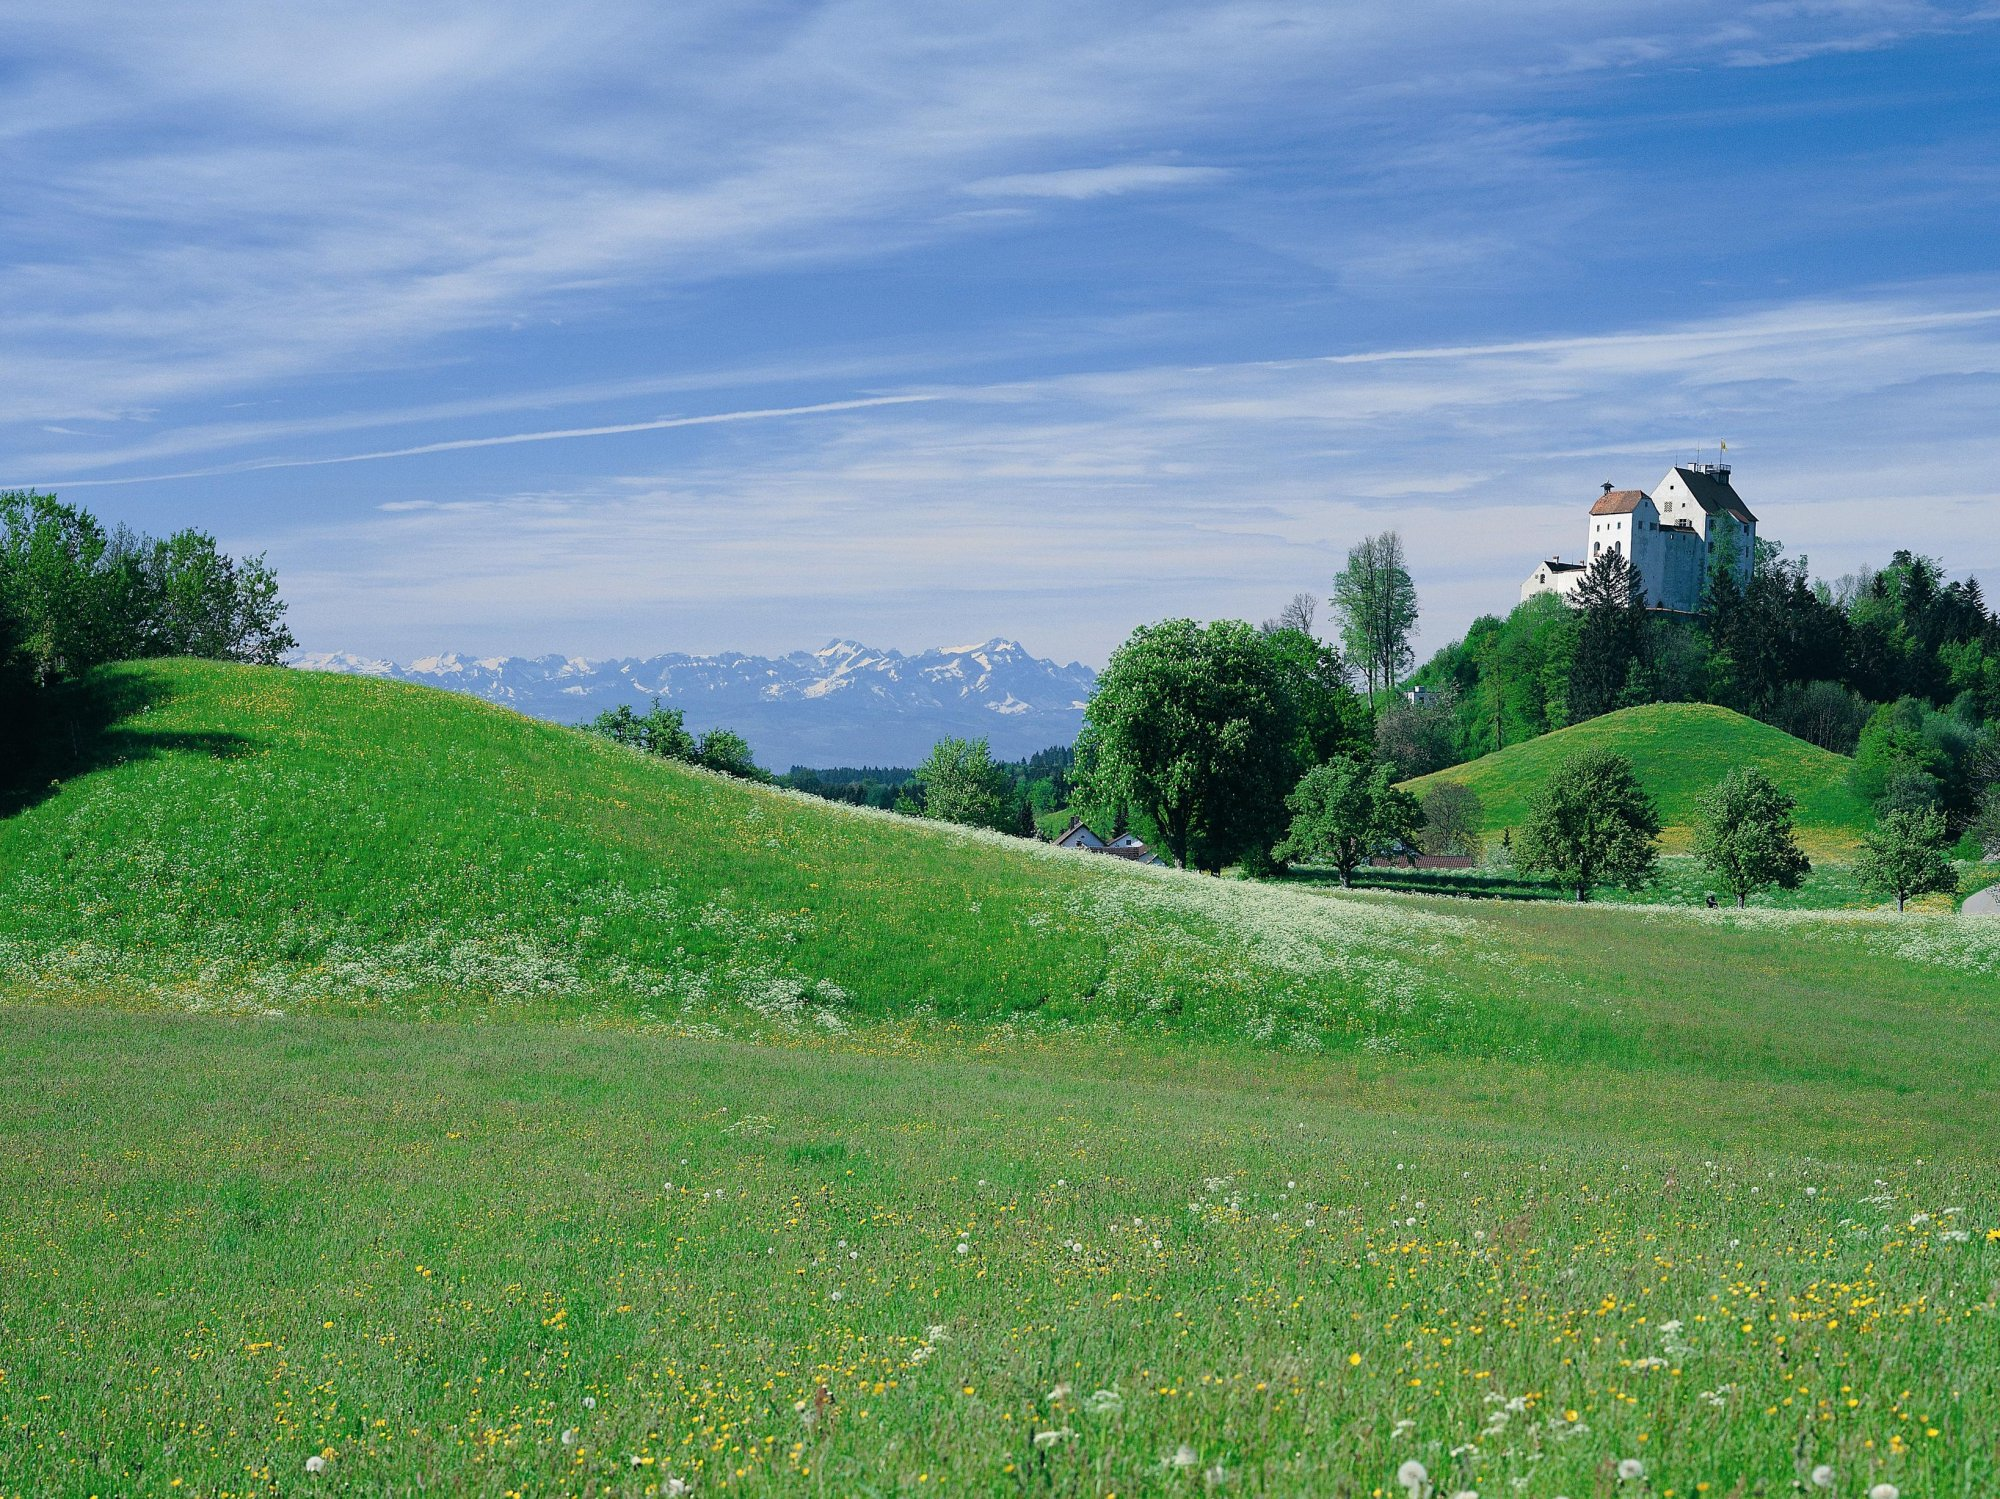 Waldburg_Blick_ueber_Wiesen_und_Burg.jpg